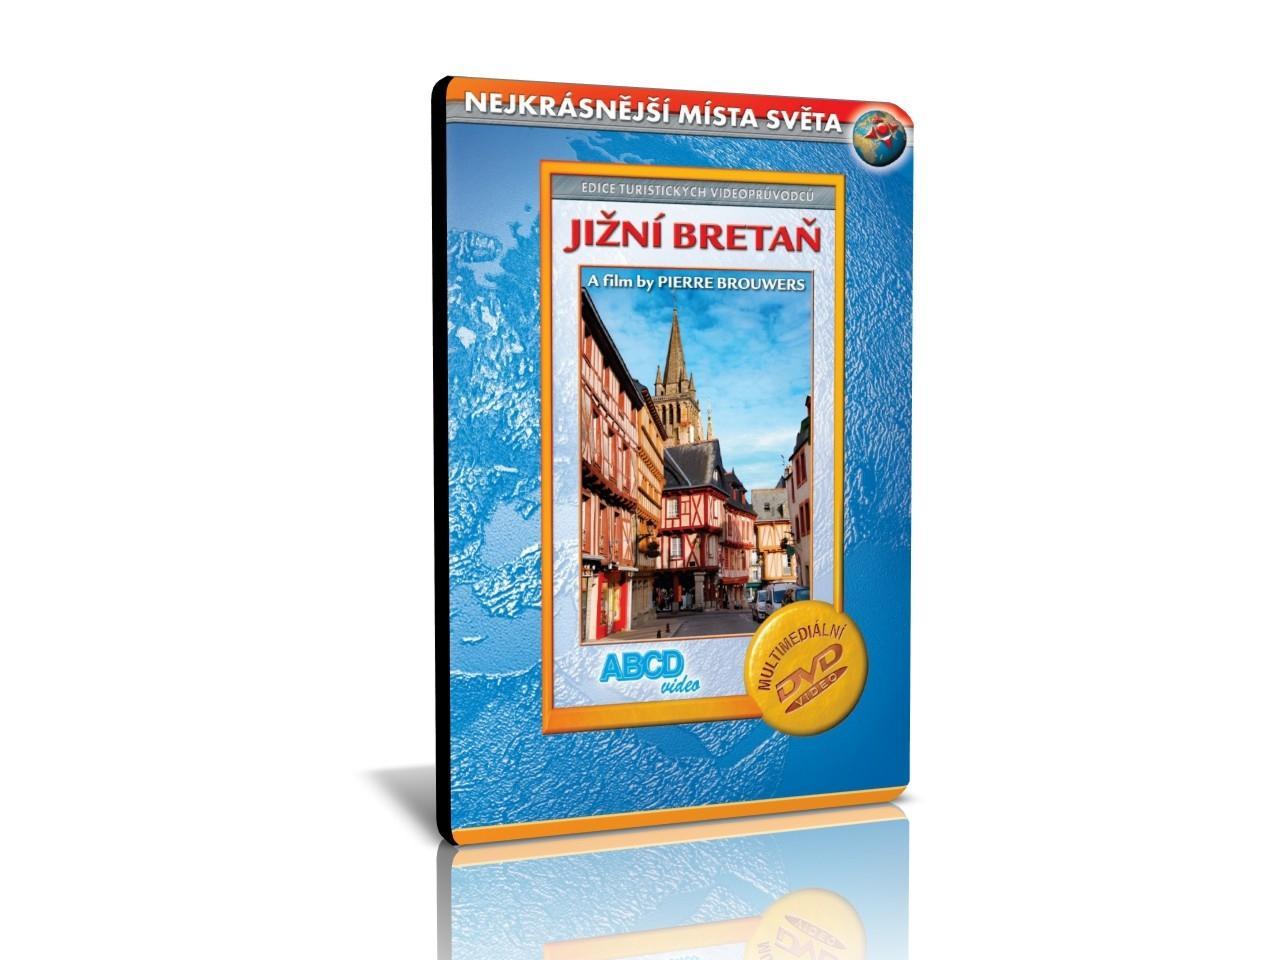 NEJKRÁSNĚJŠÍ MÍSTA SVĚTA: Jižní Bretaň (MM DVD)